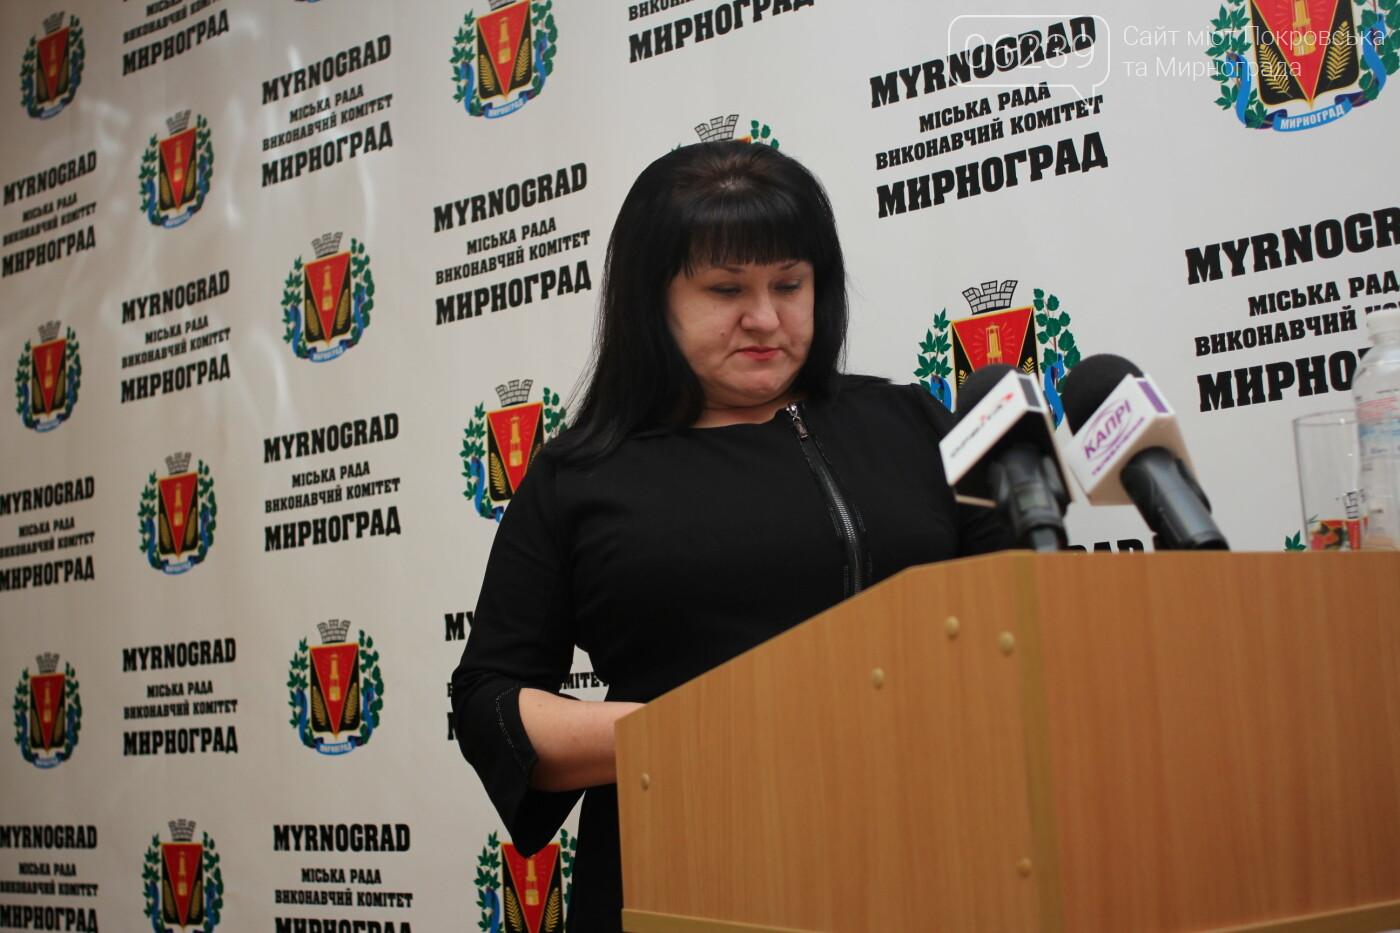 Изменения в бюджете и новый начальник отдела здравоохранения: в Мирнограде состоялась 72-я сессия горсовета, фото-7